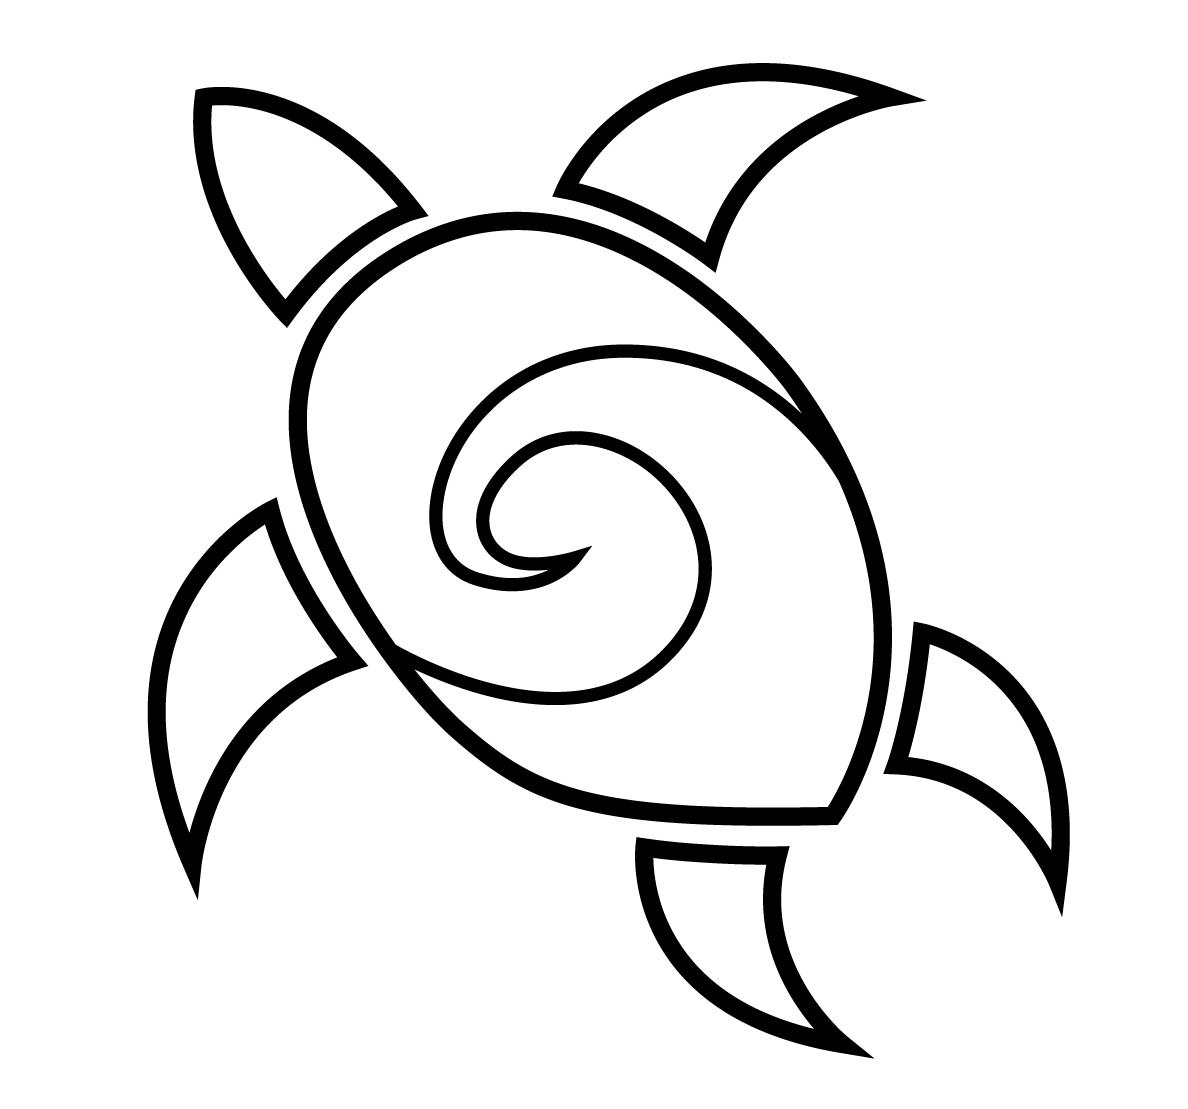 1188x1109 Simple Sea Turtle Drawing Animated Turtle Clip Art Simple Turtle